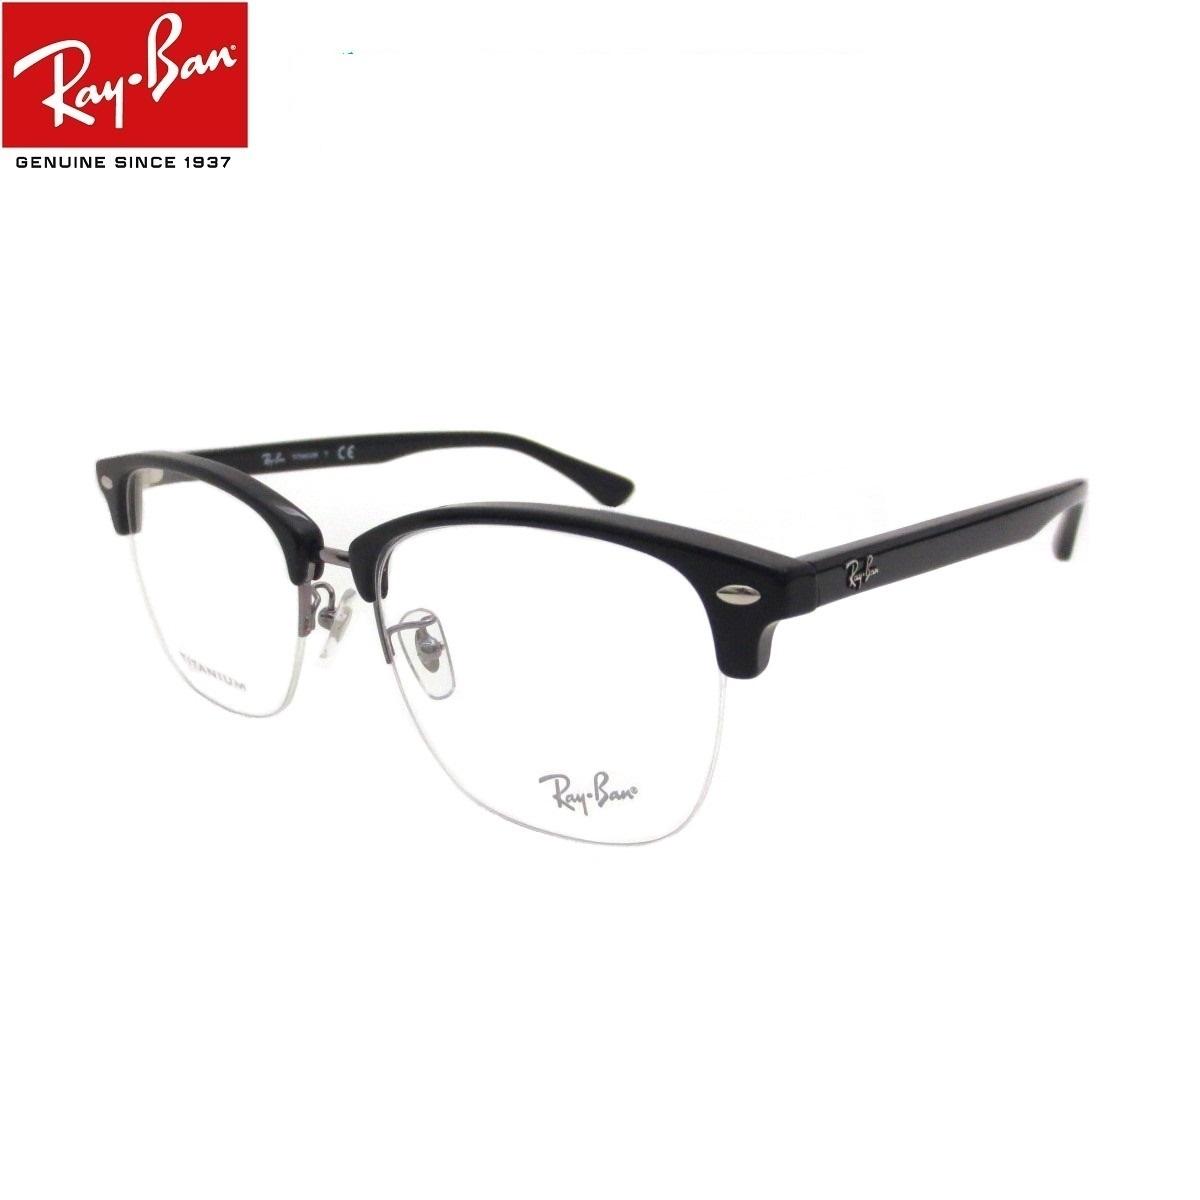 UVカットレンズ付 レイバン 伊達メガネ UV400レンズ付メガネ メガネフレーム眼鏡 Ray-Ban RX5357TD 5709(55) クリアレンズ 近視 乱視 老眼鏡 ブルーライト アジアンフィット【ミラリジャパンメーカー保証書付】